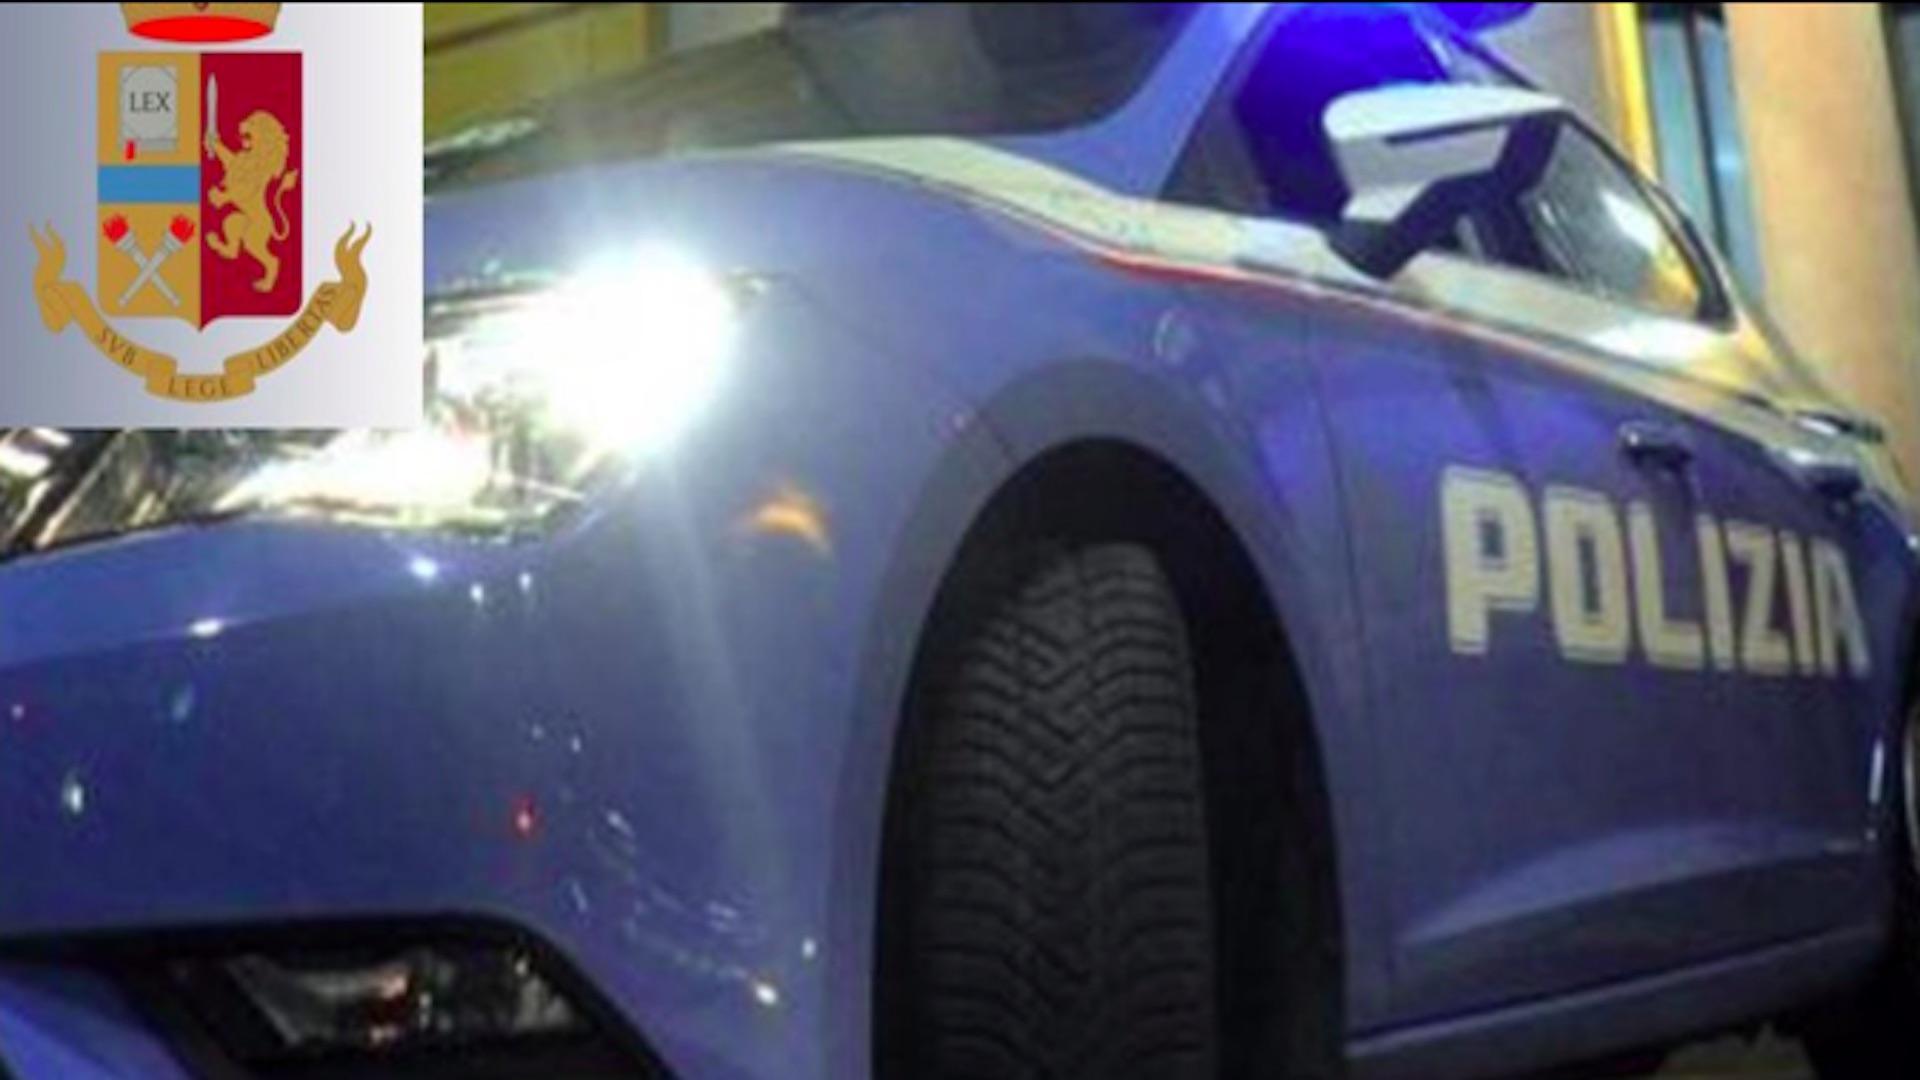 Salerno: operazione antidroga in corso